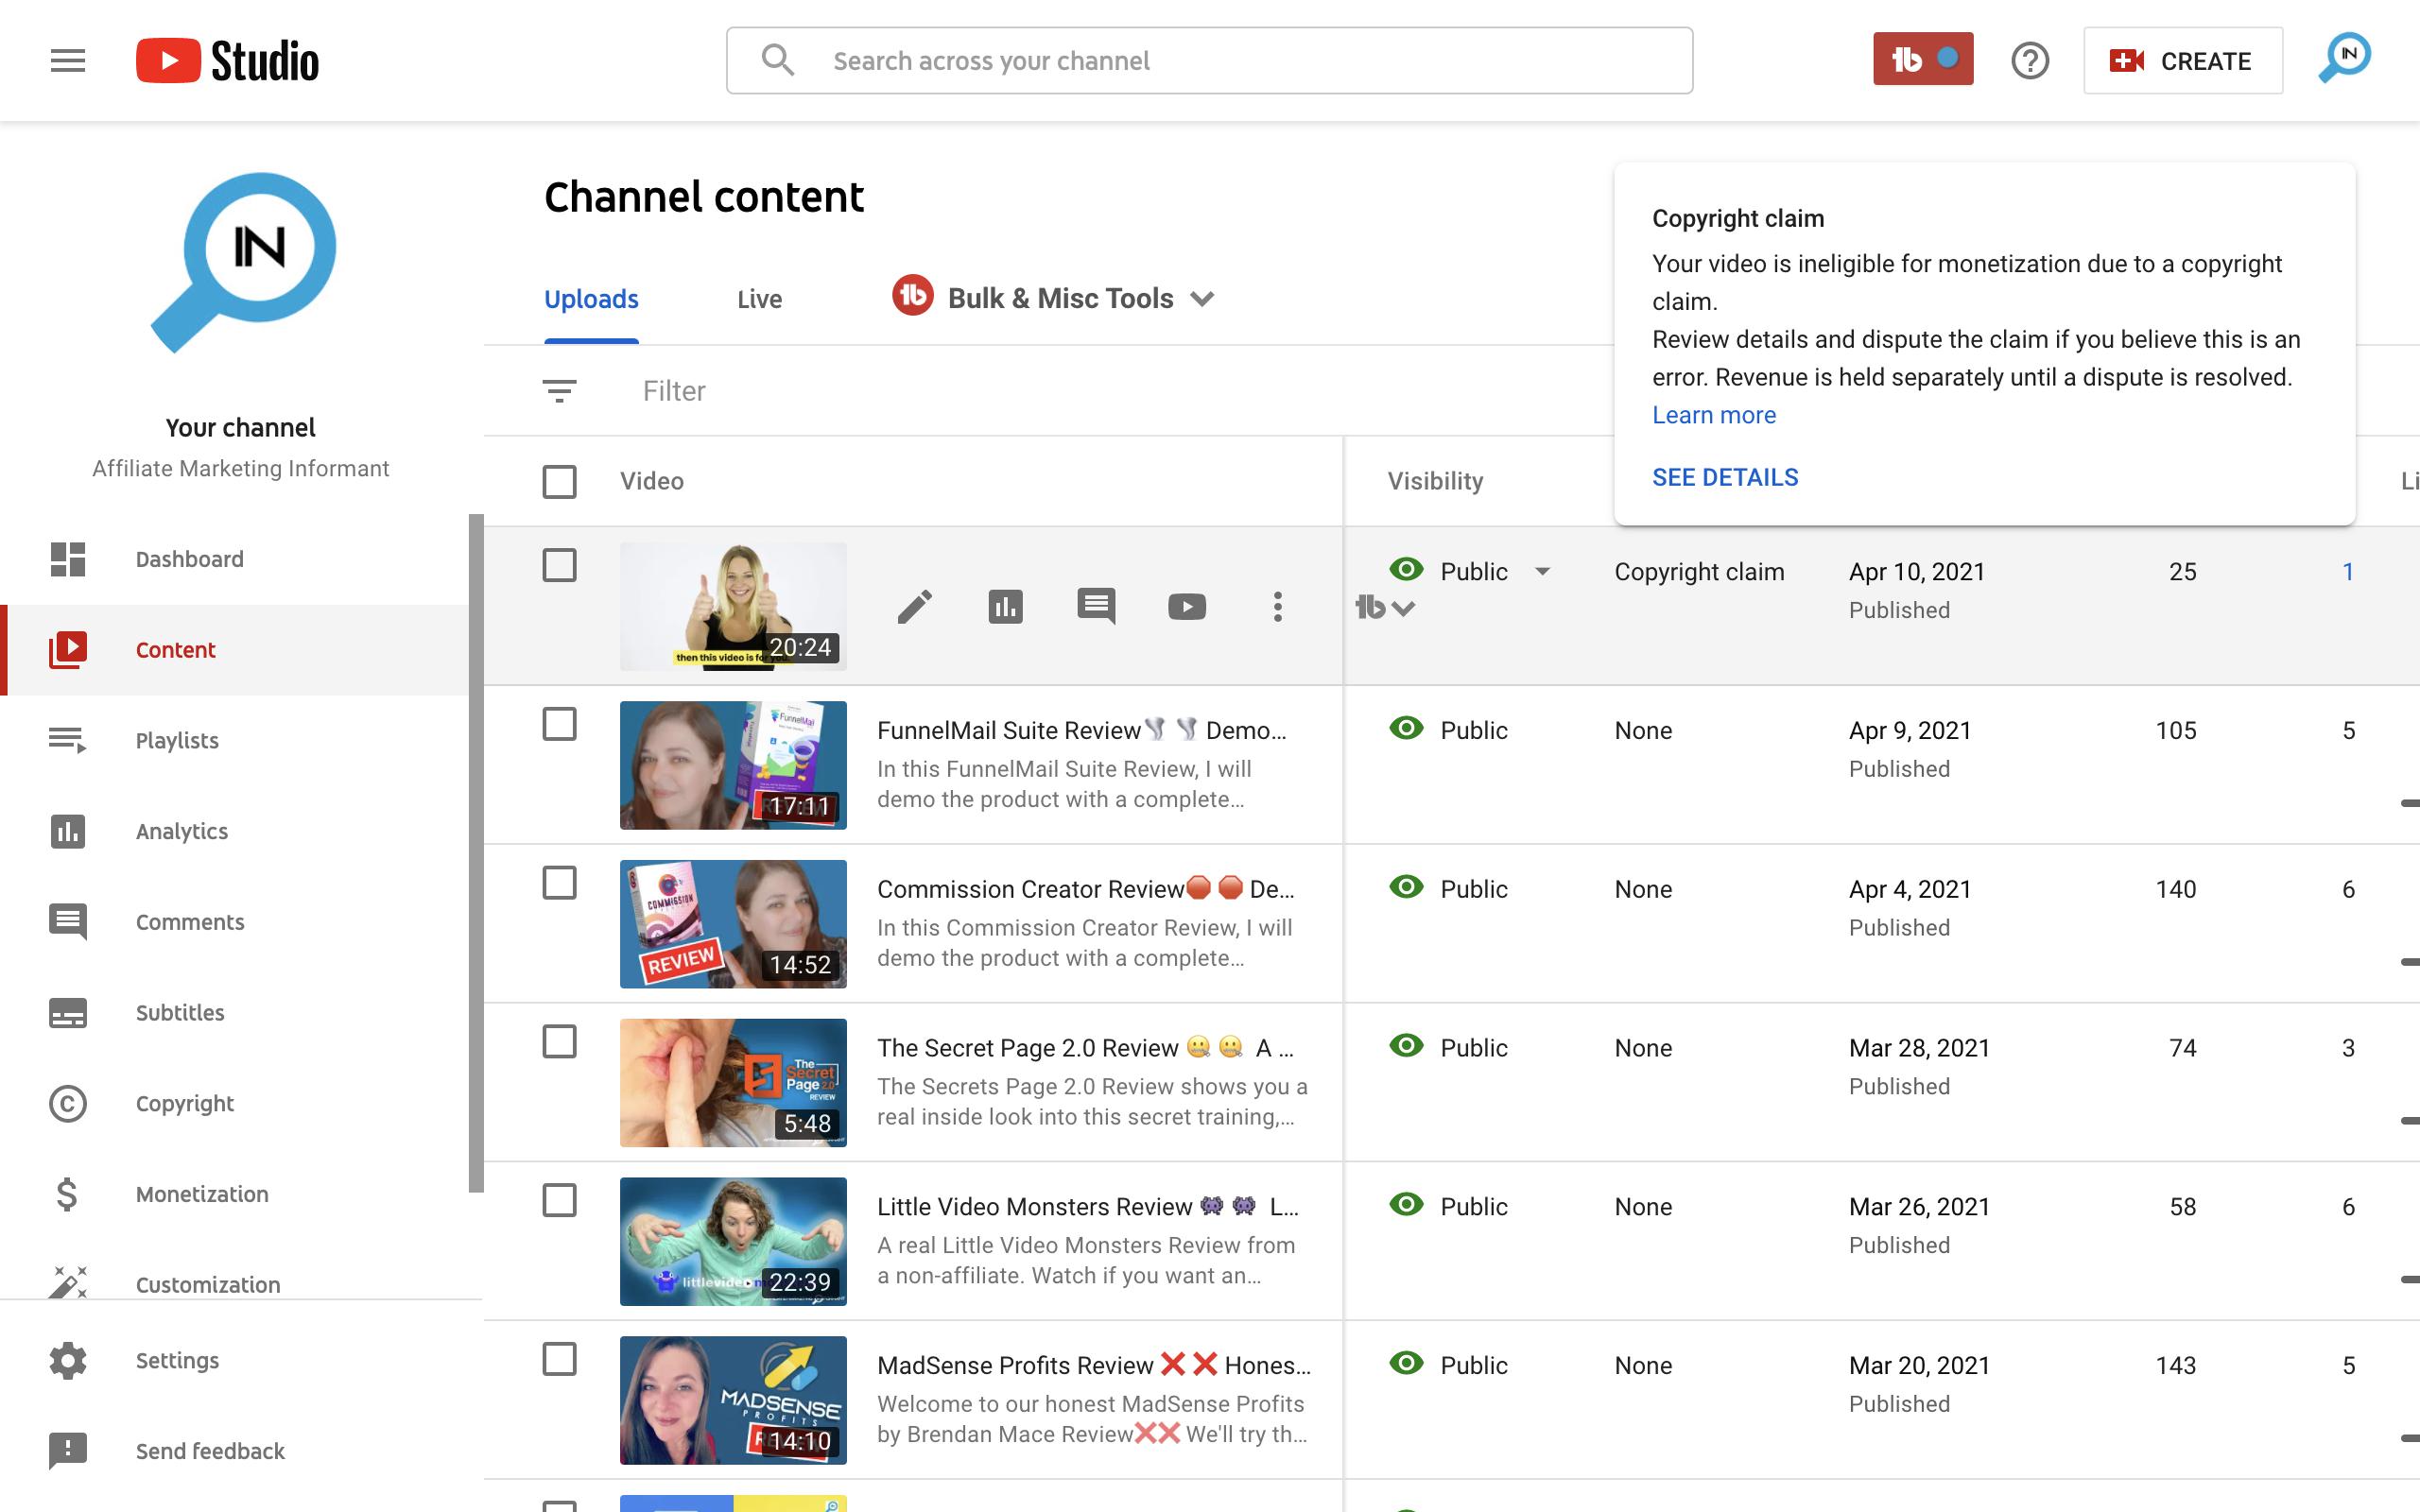 YouTube false copyright claim example